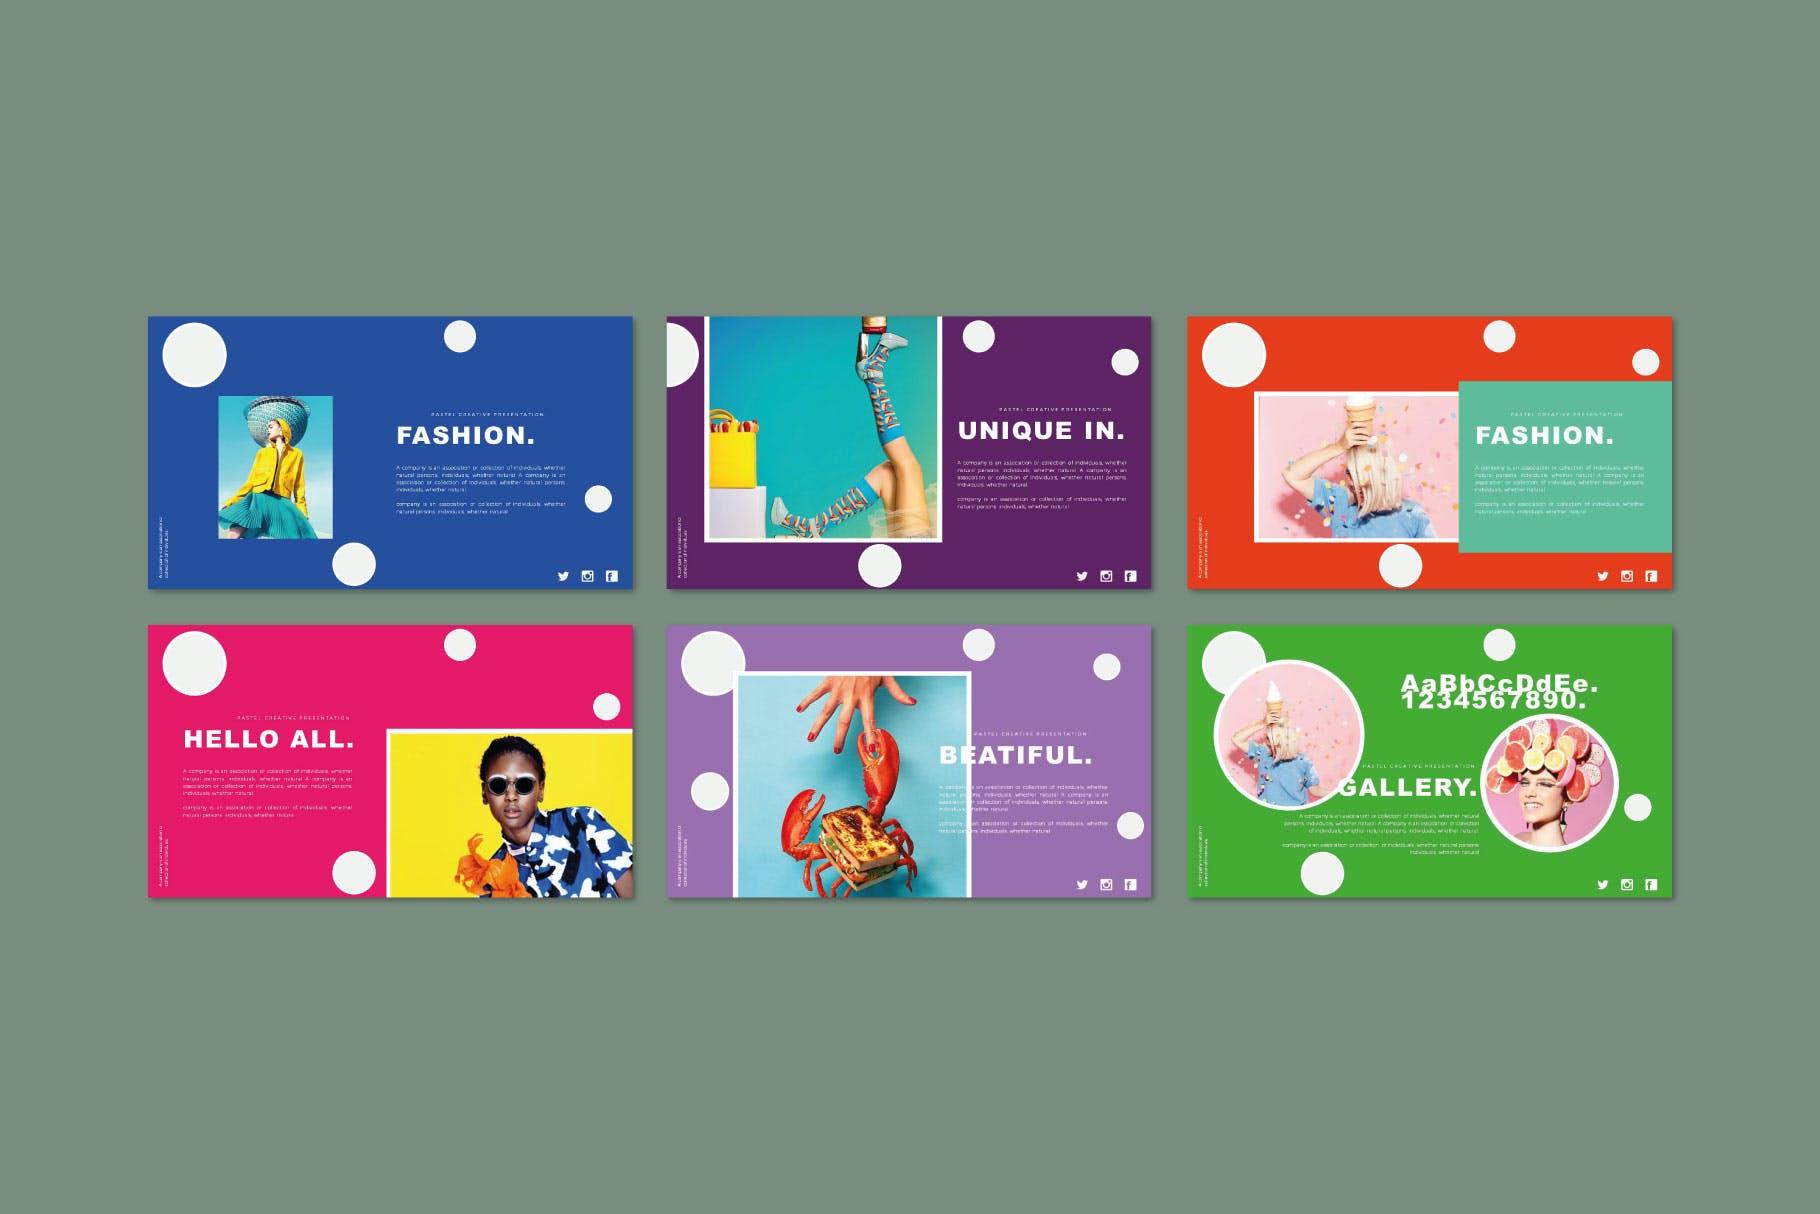 时尚多彩策划案图文排版设计演示文稿模板 Misya – Powerpoint Template插图(5)